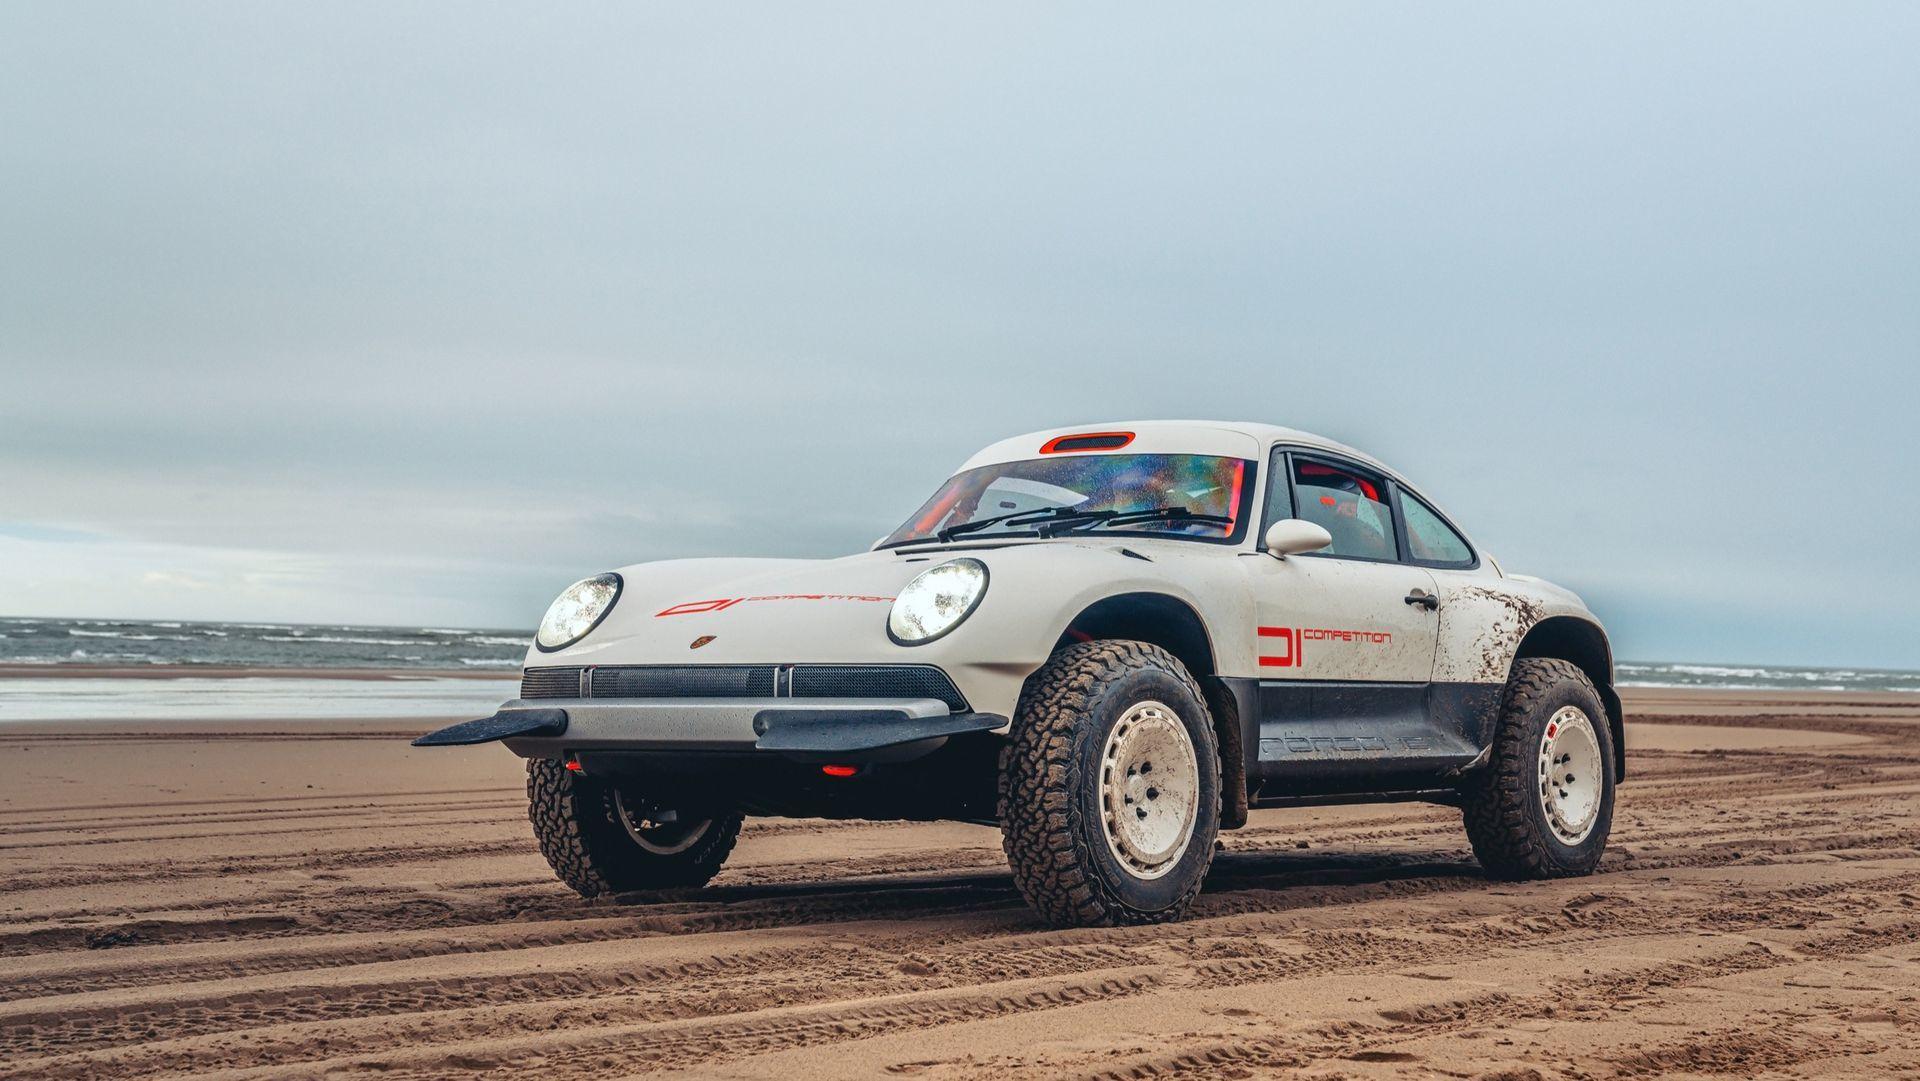 Singer Acs Porsche 911 25